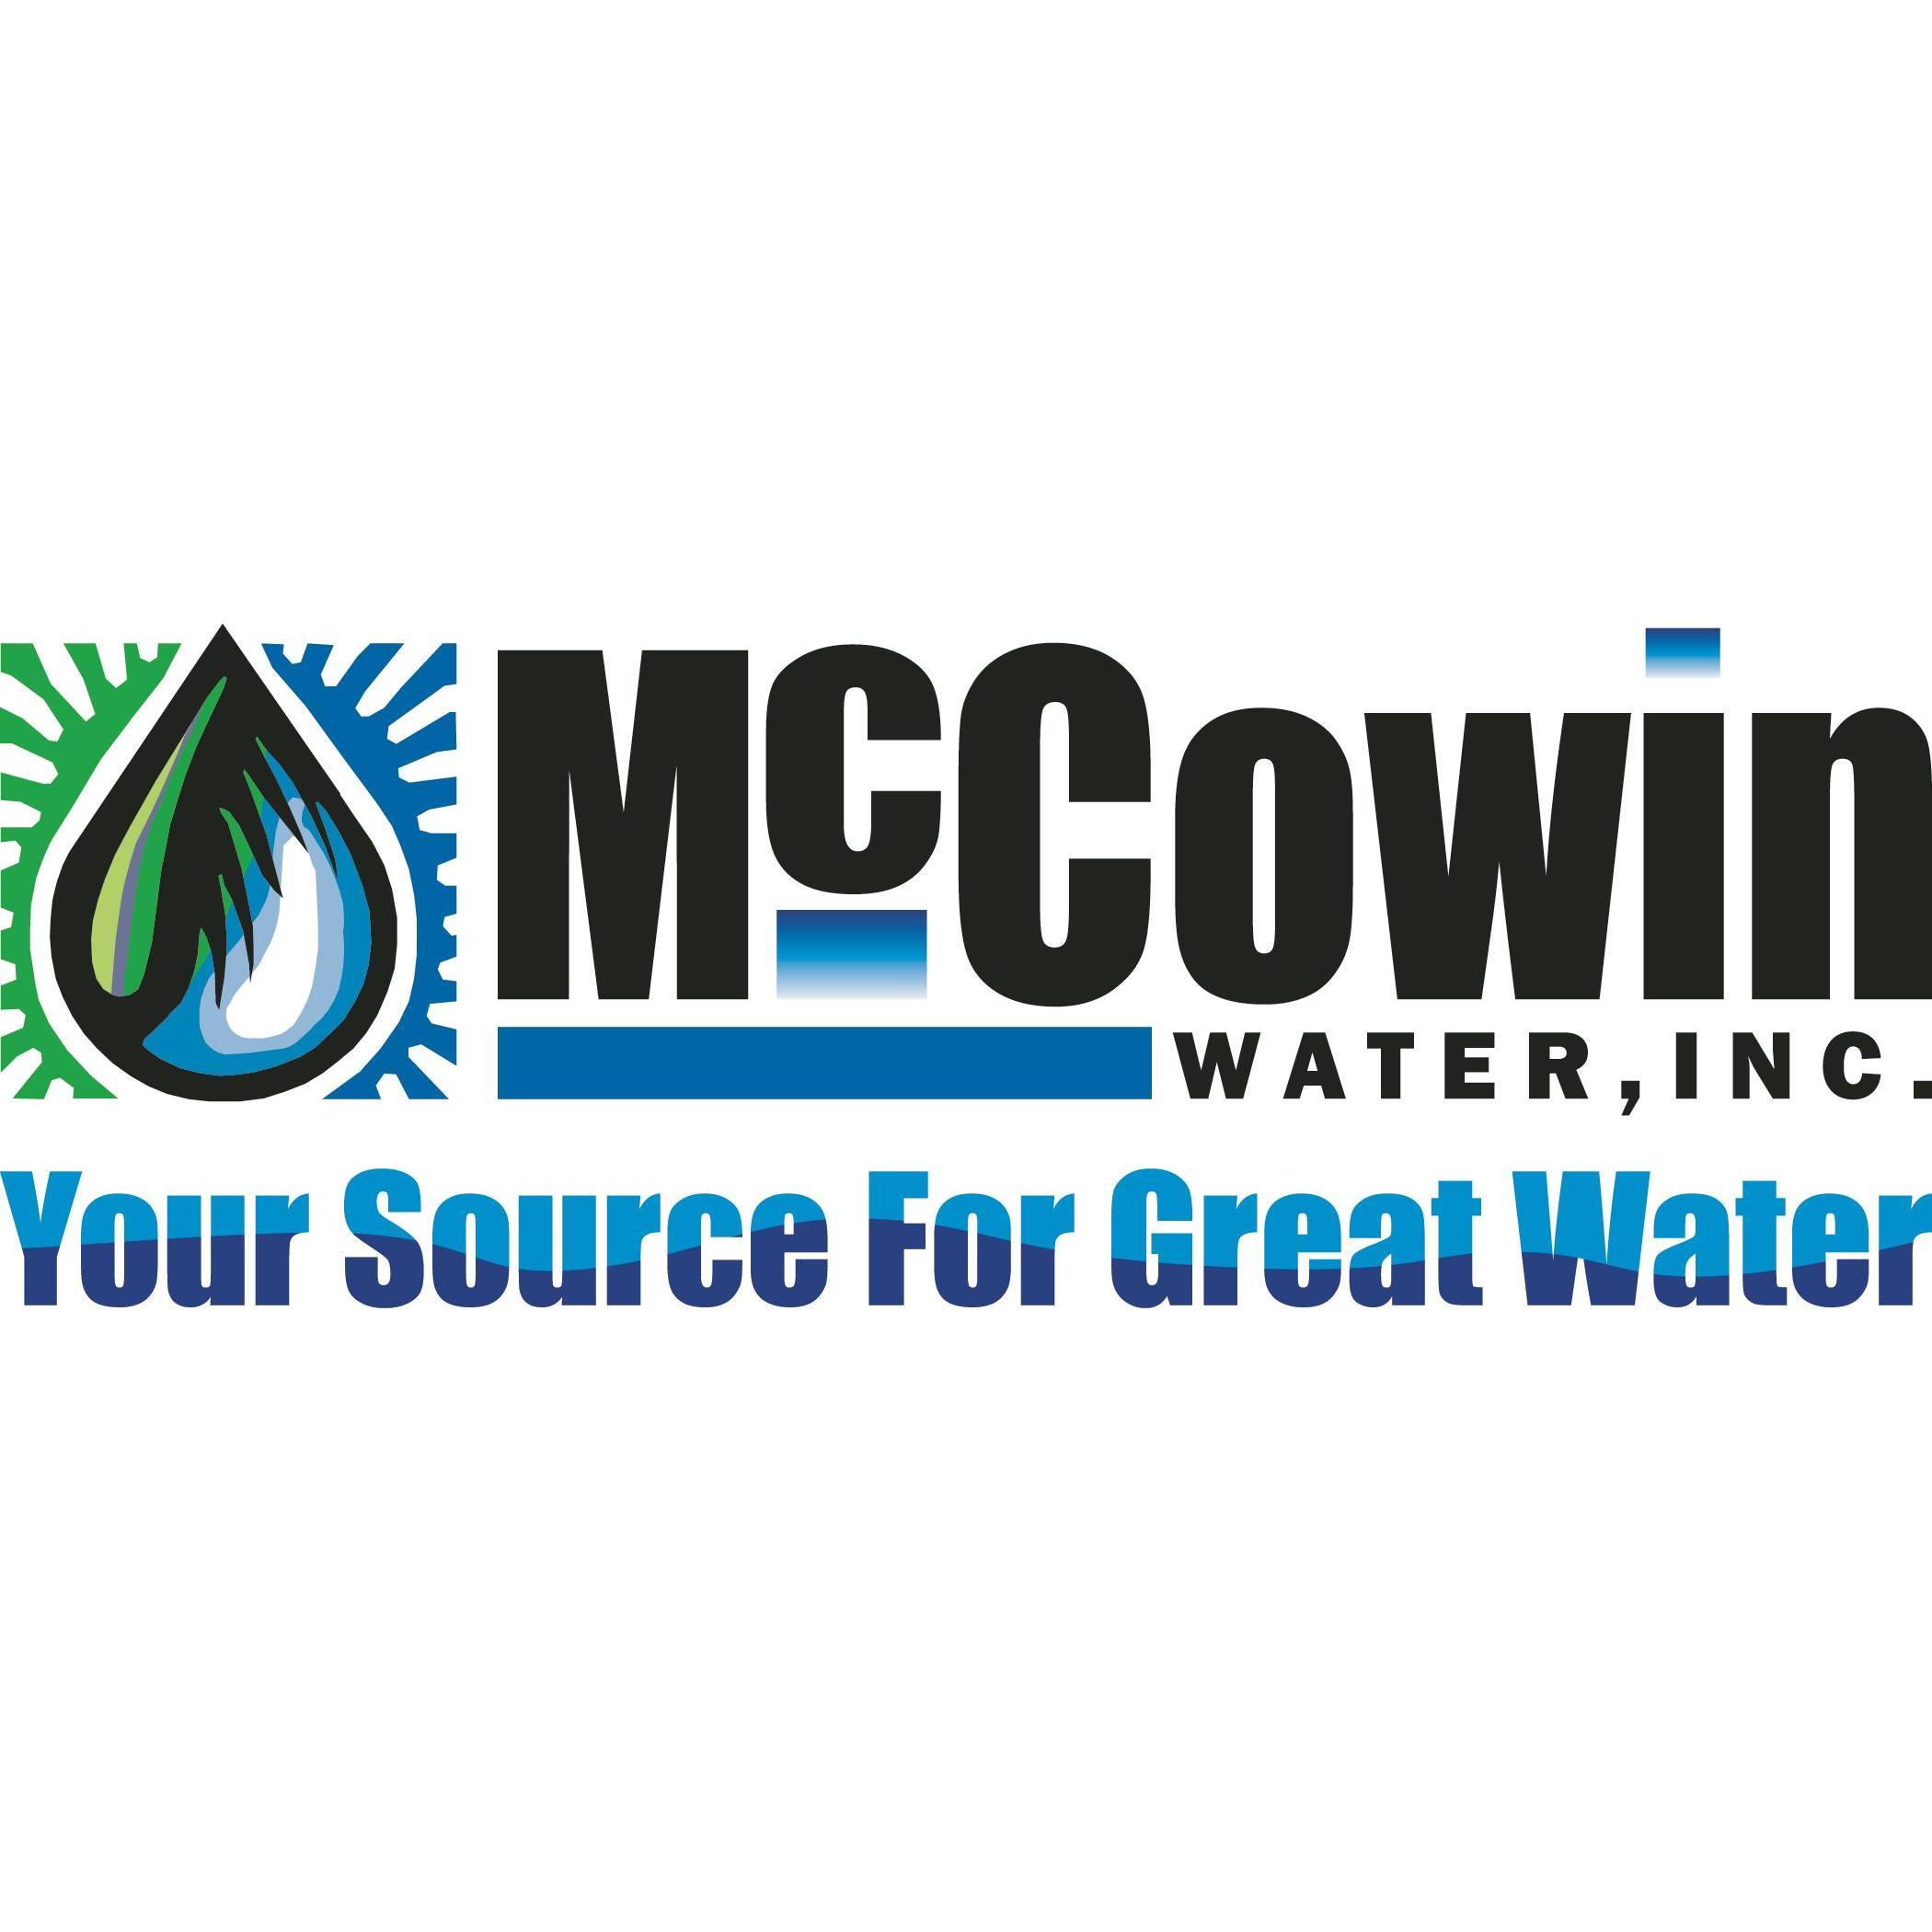 McCowin Water, Inc